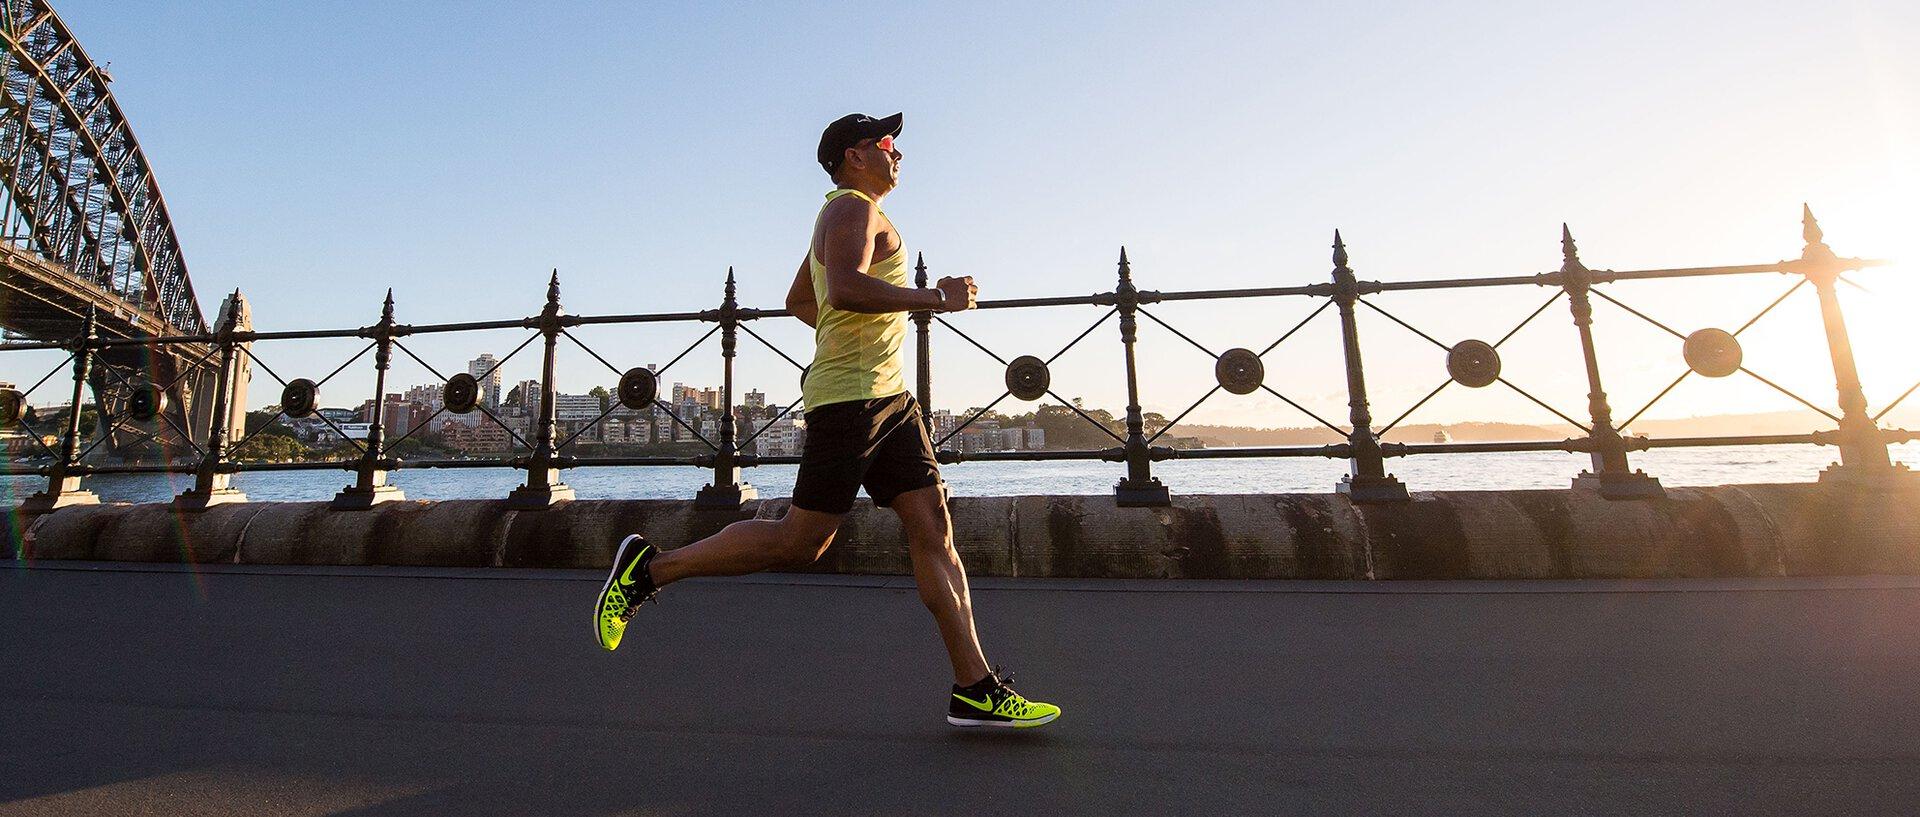 About marathon